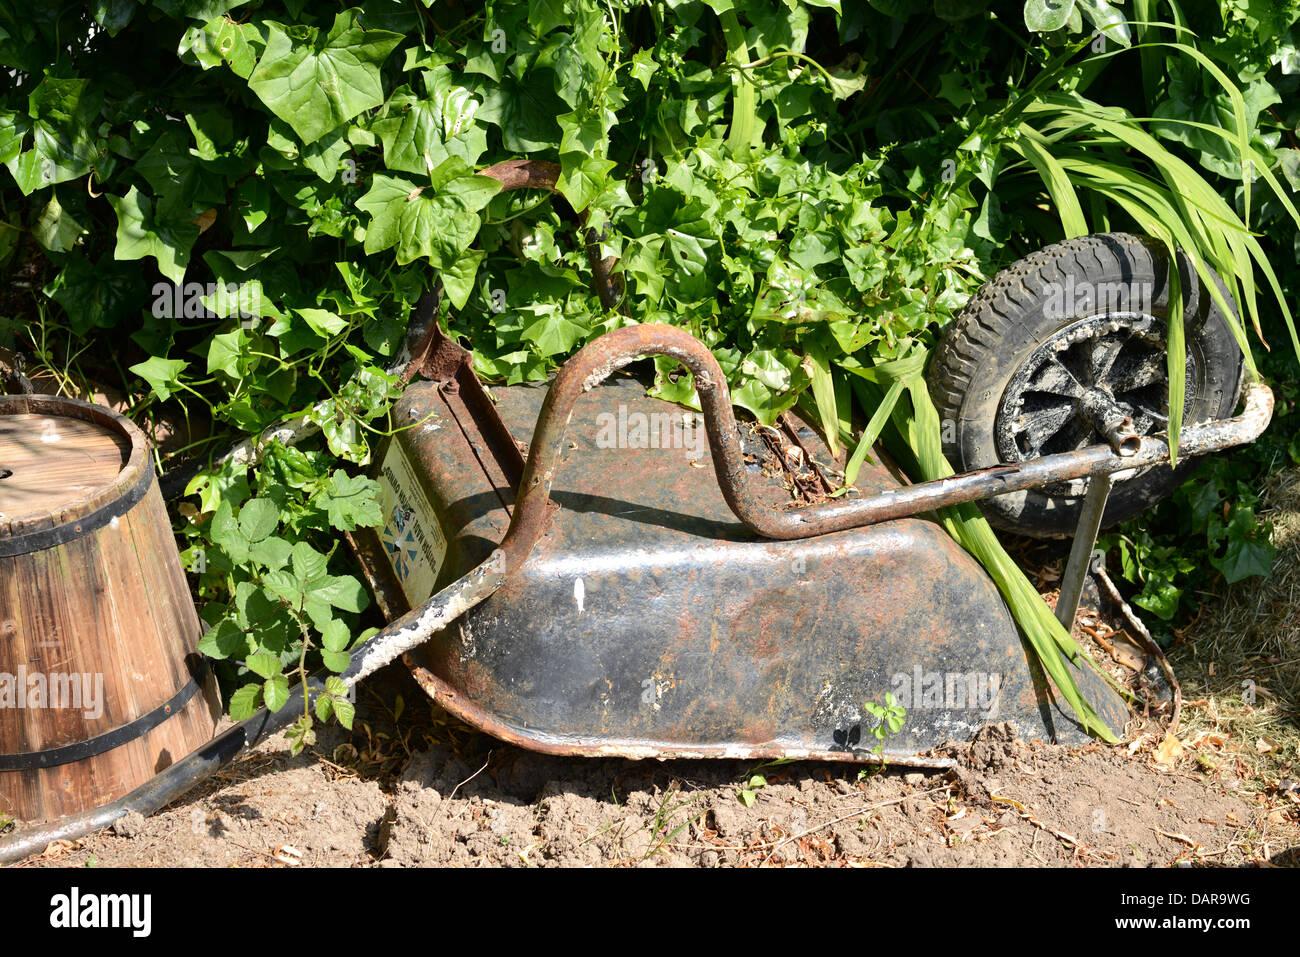 Disused wheelbarrow - Stock Image